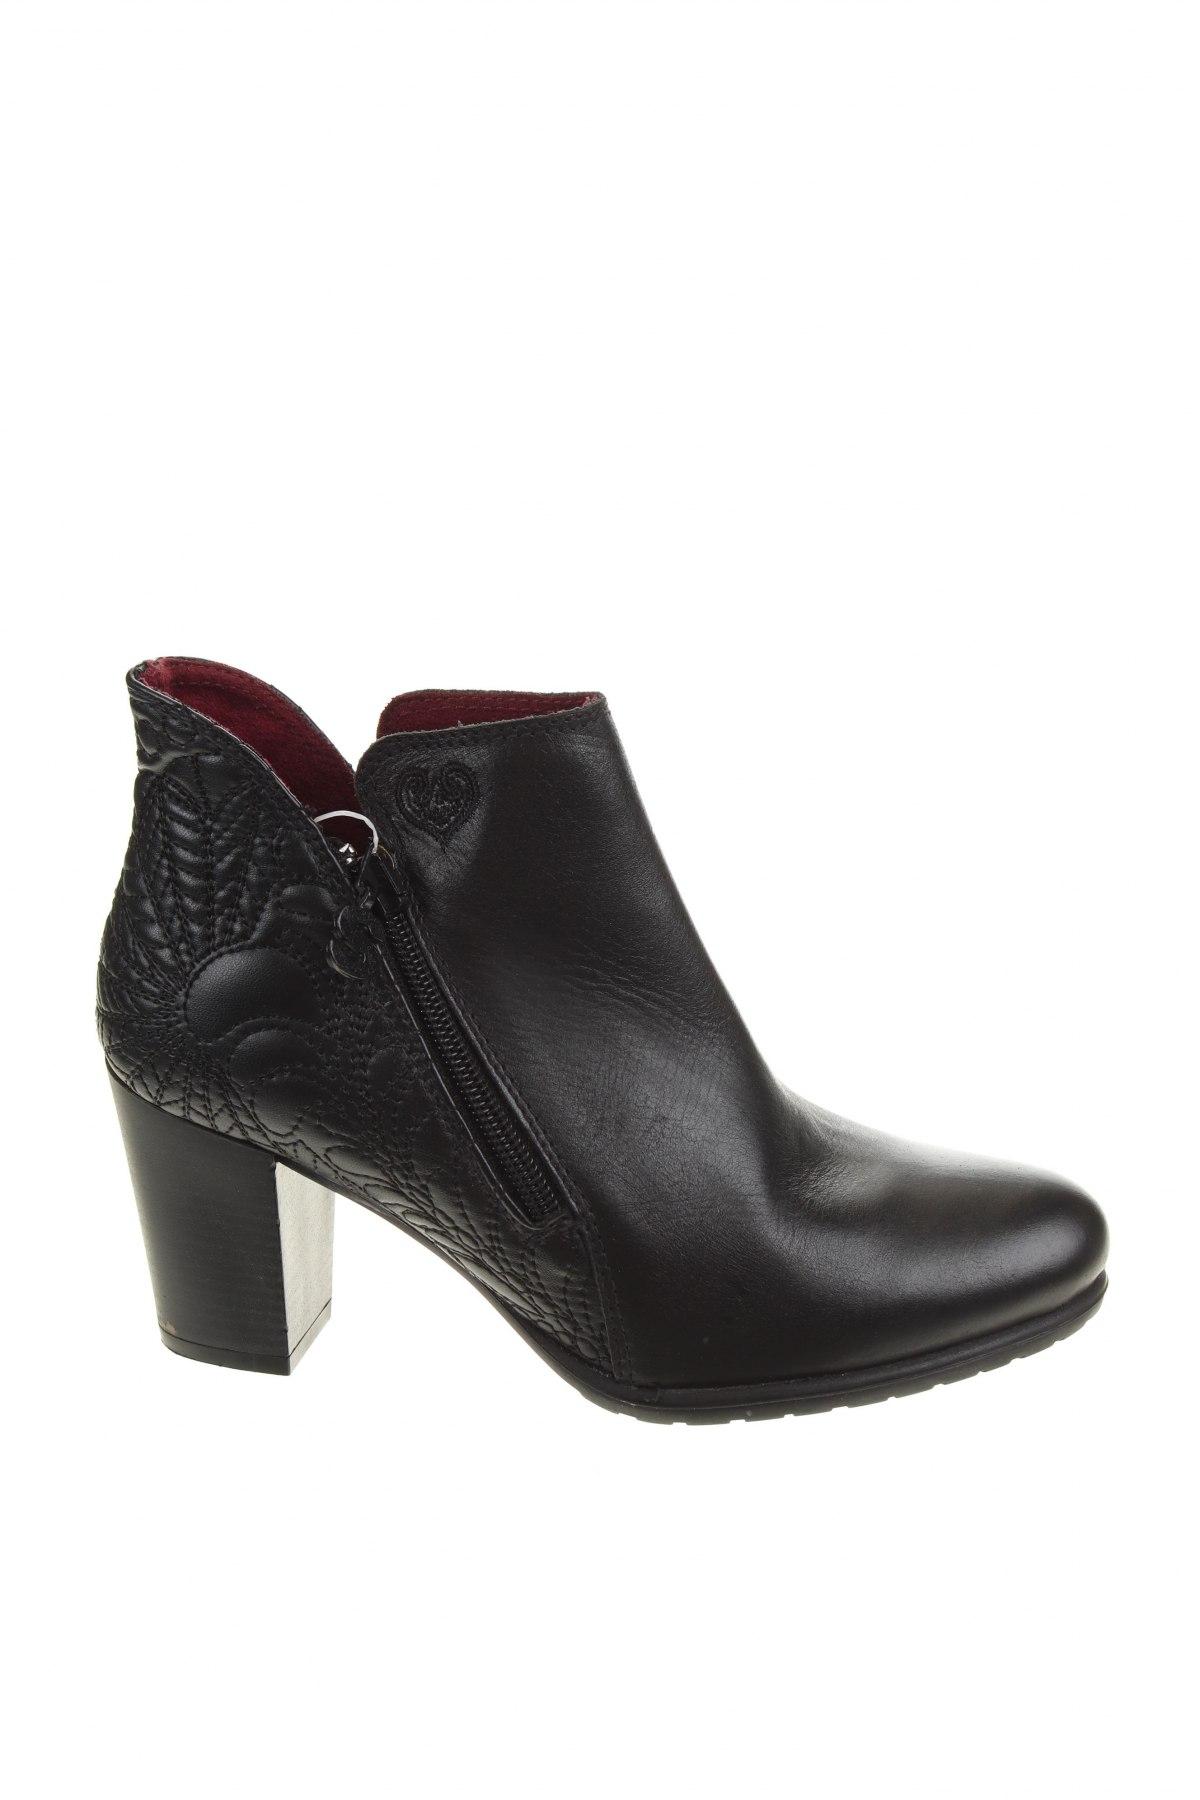 Дамски боти Desigual, Размер 36, Цвят Черен, Естествена кожа, Цена 189,00лв.